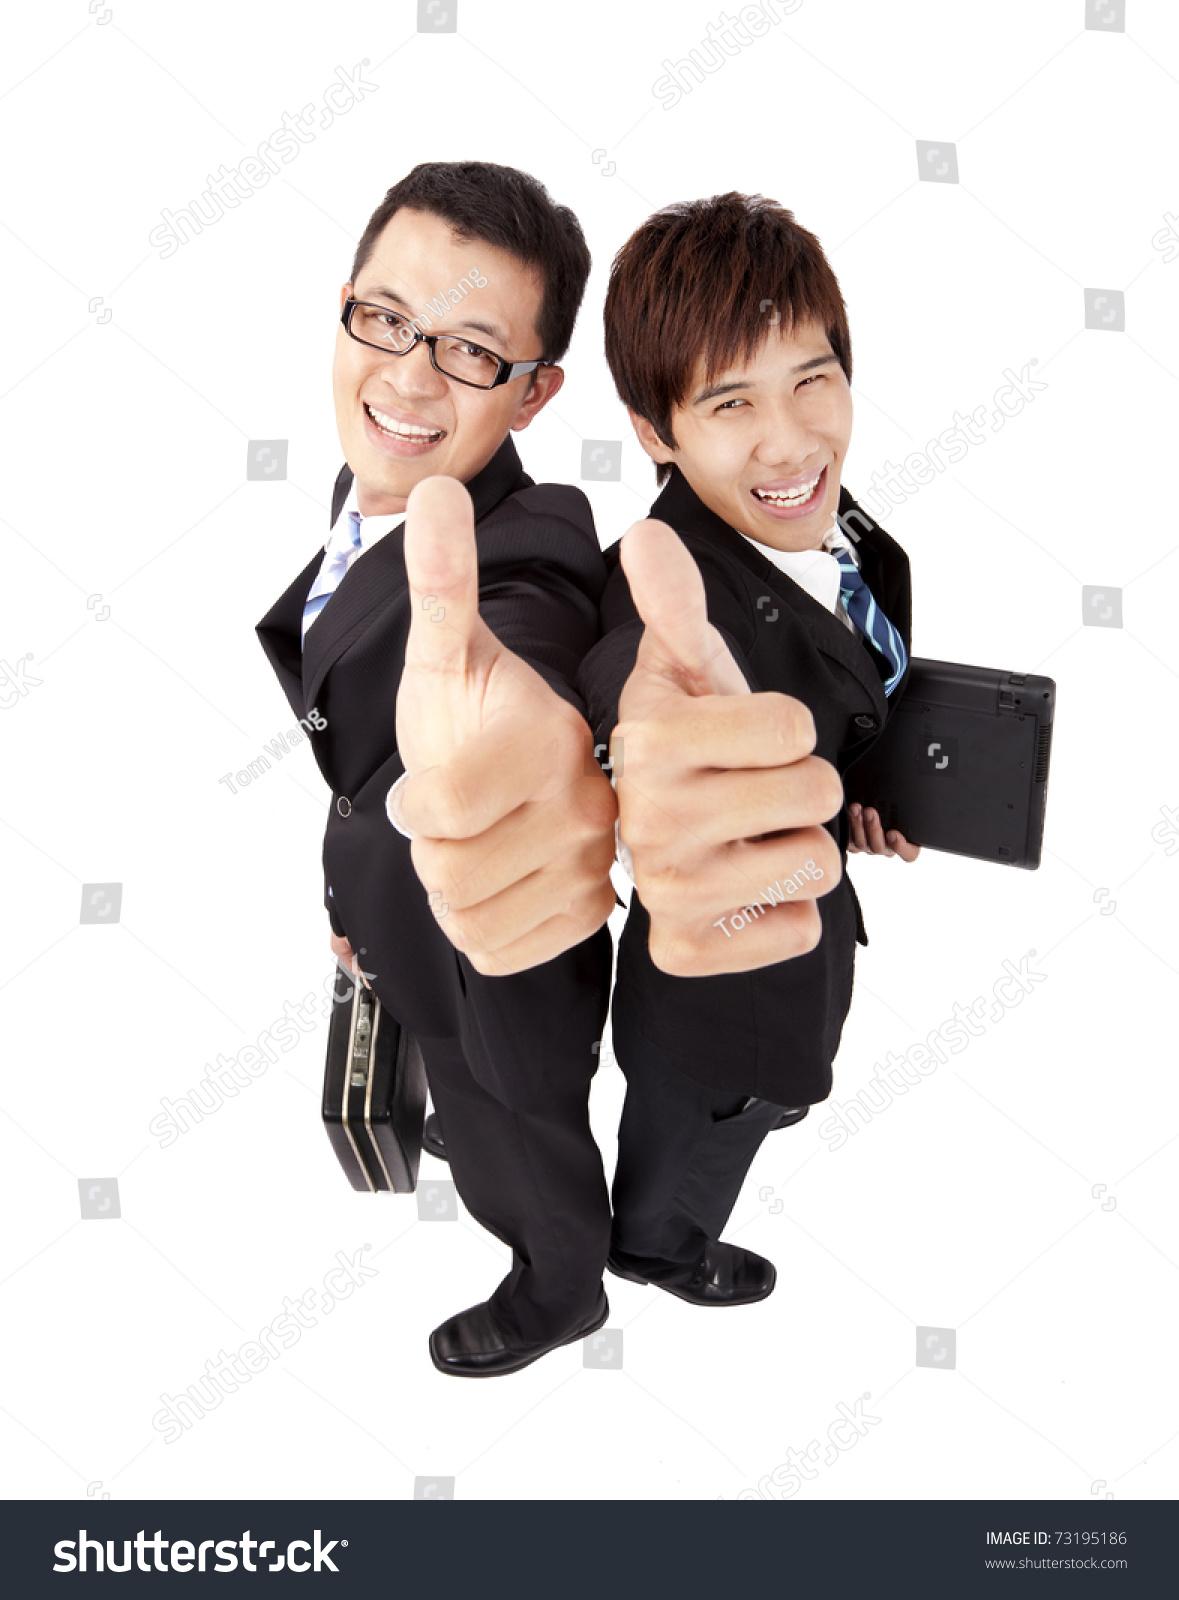 两个成功的商人,伸出大拇指